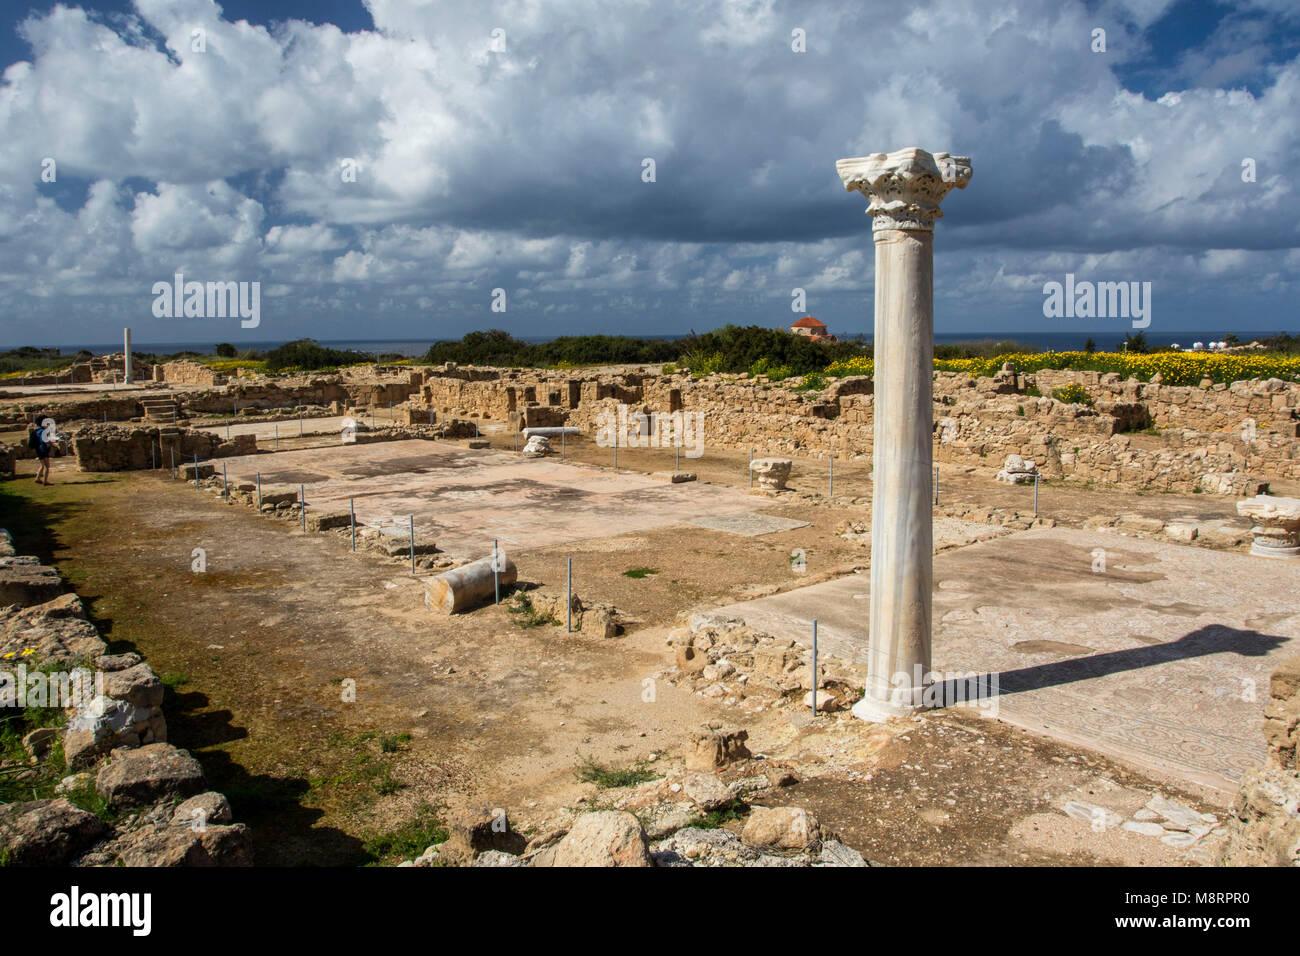 Sitio Archeoligical en Agios Georgious, distrito de Paphos, en Chipre, en el Mediterráneo Foto de stock